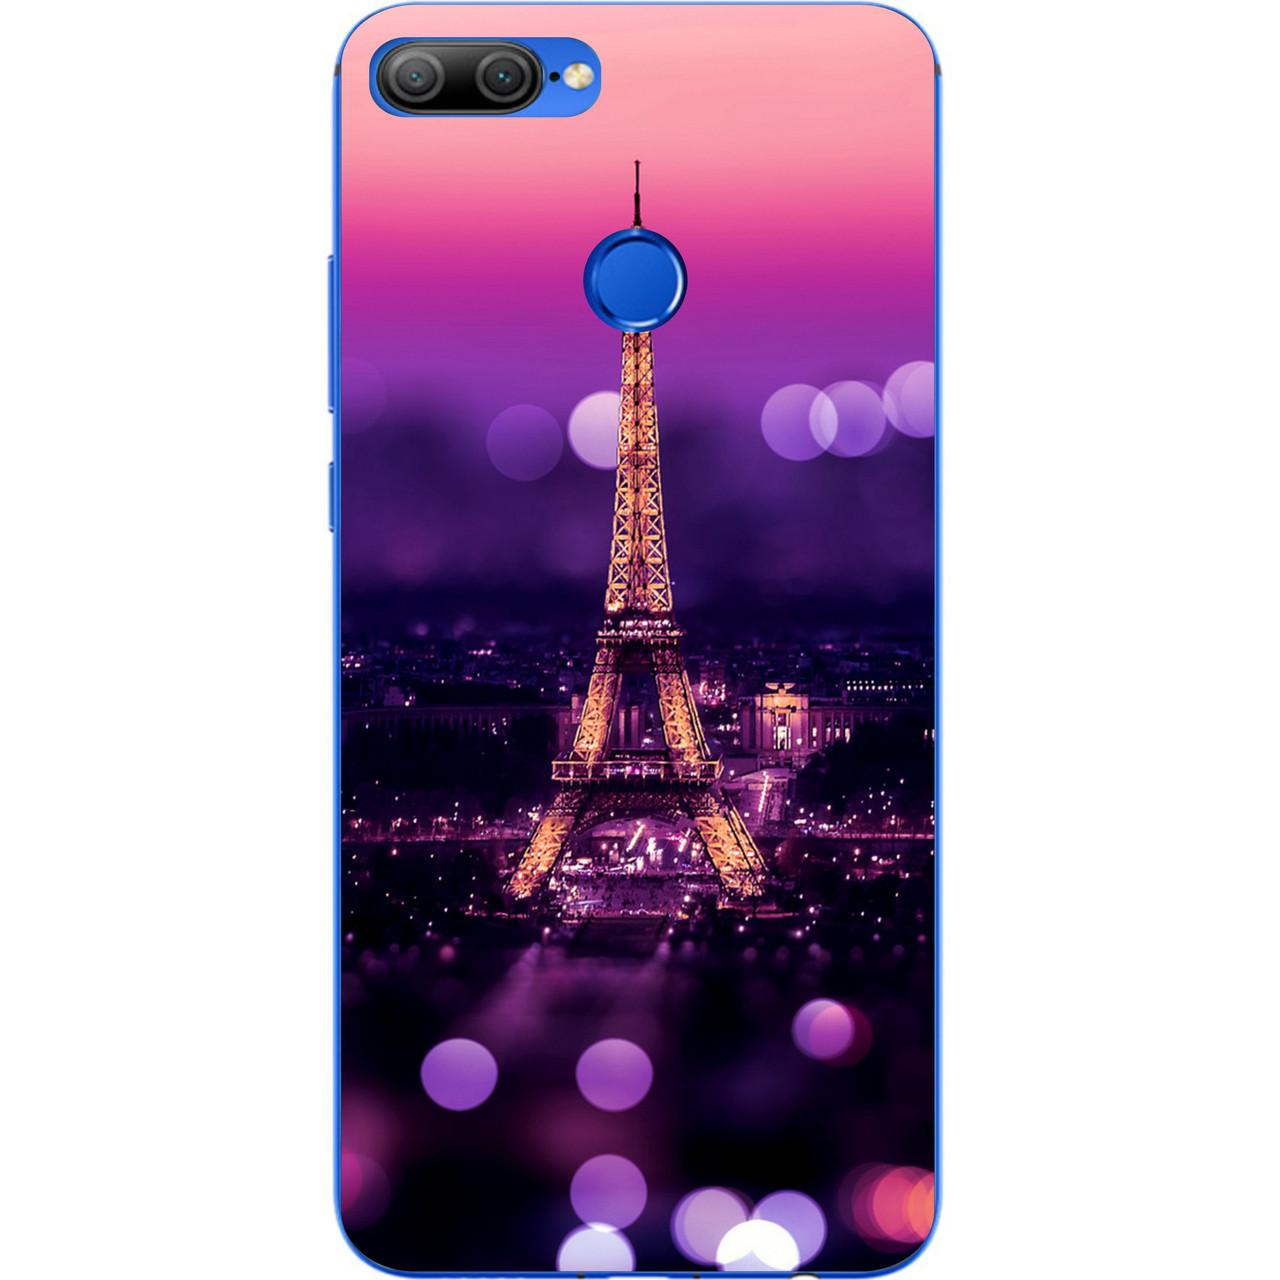 Чехол силиконовый для Huawei honor 9 lite с картинкой Париж ночью